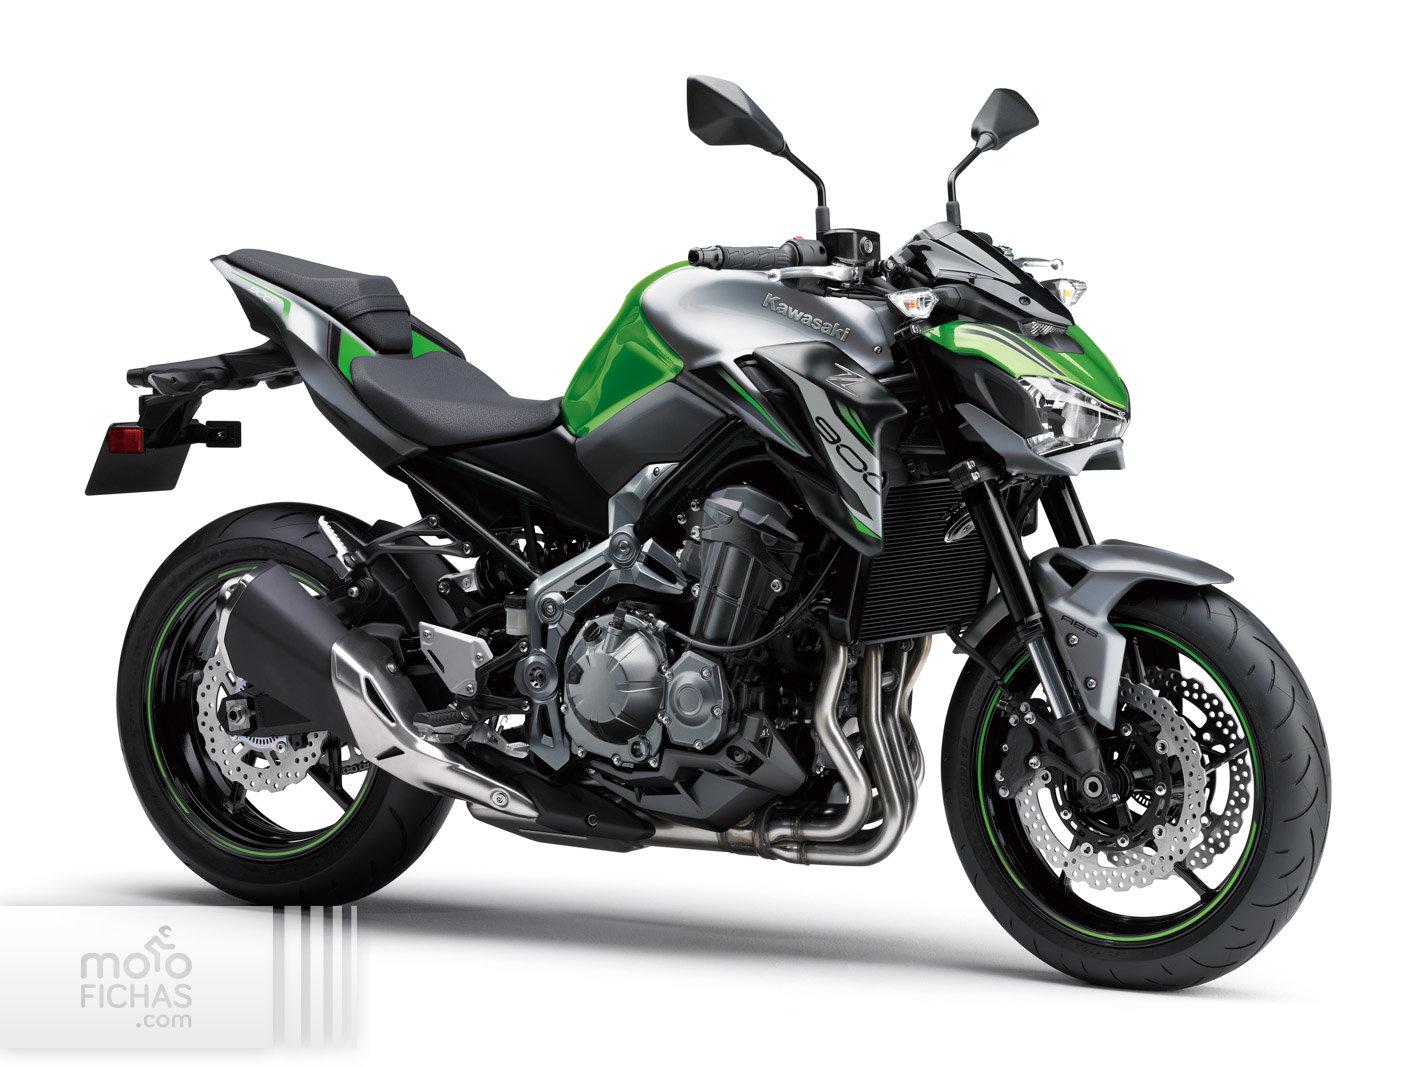 Kawasaki Z900a2 2019 Precio Ficha Opiniones Y Ofertas